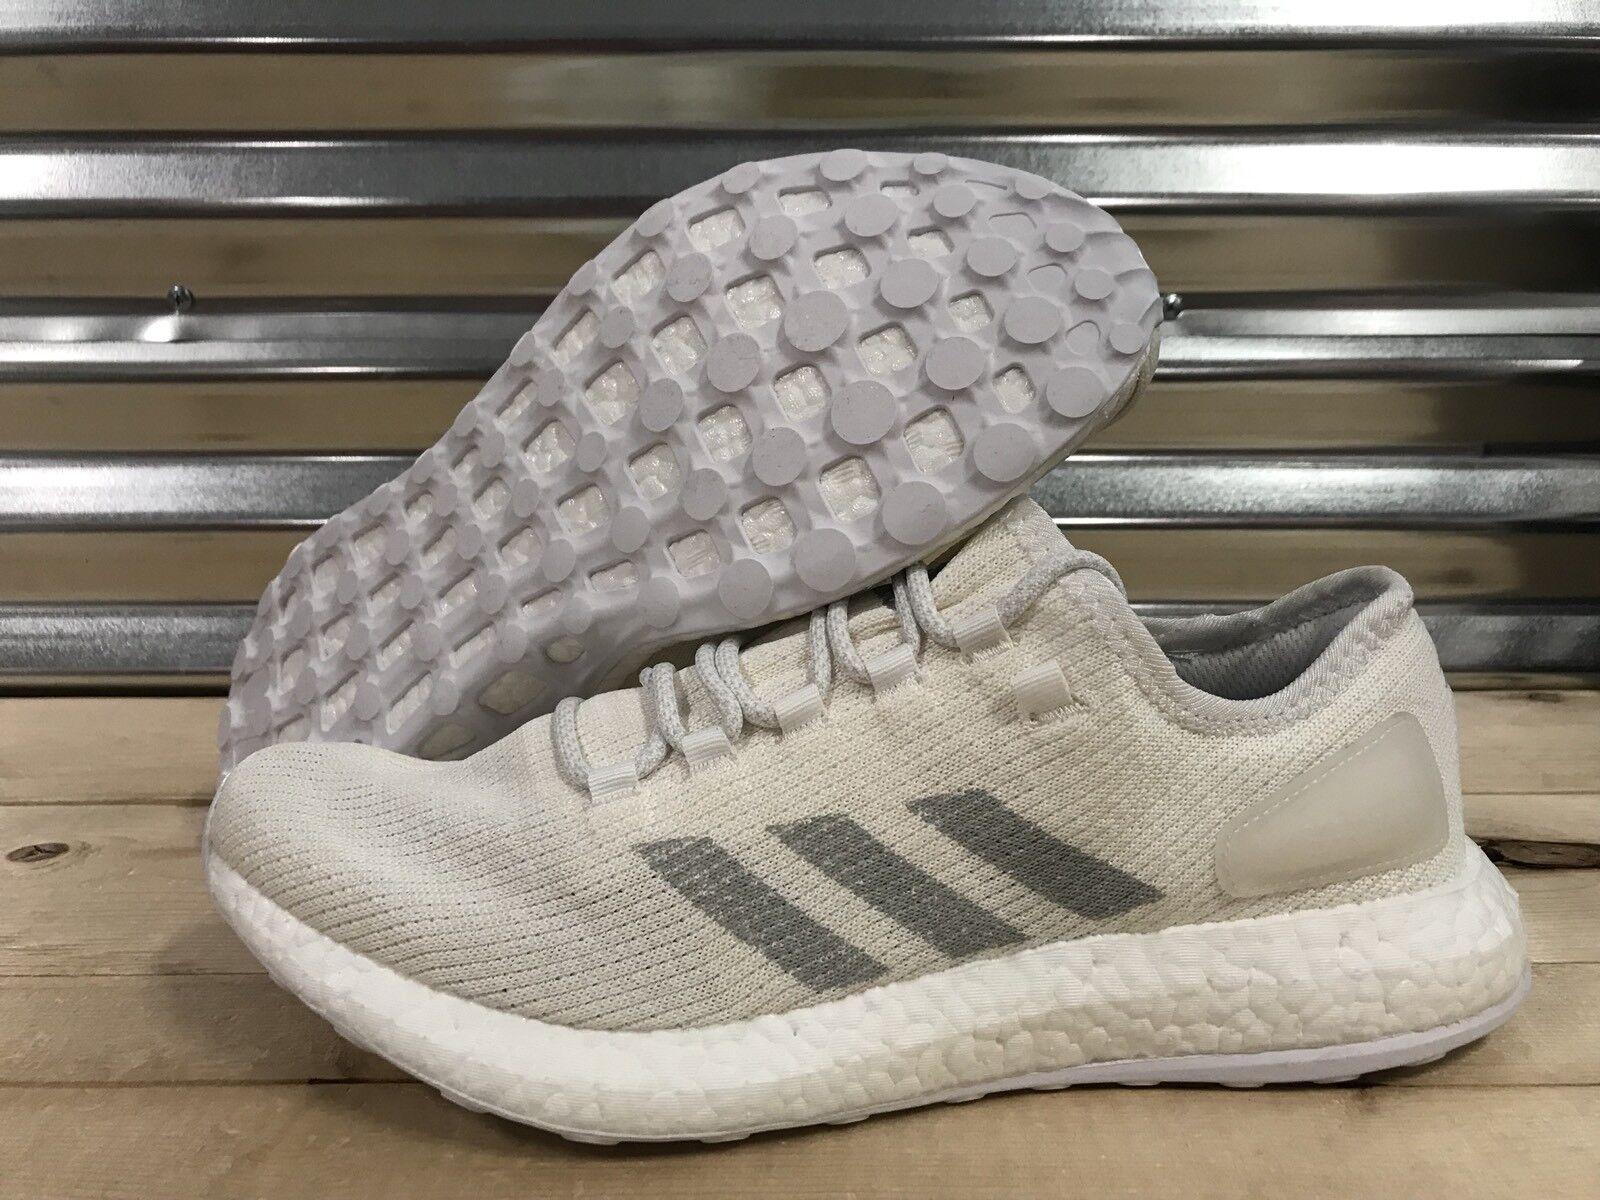 Adidas Pureboost Boost Zapatillas gris blancoo Tiza (BA9058)